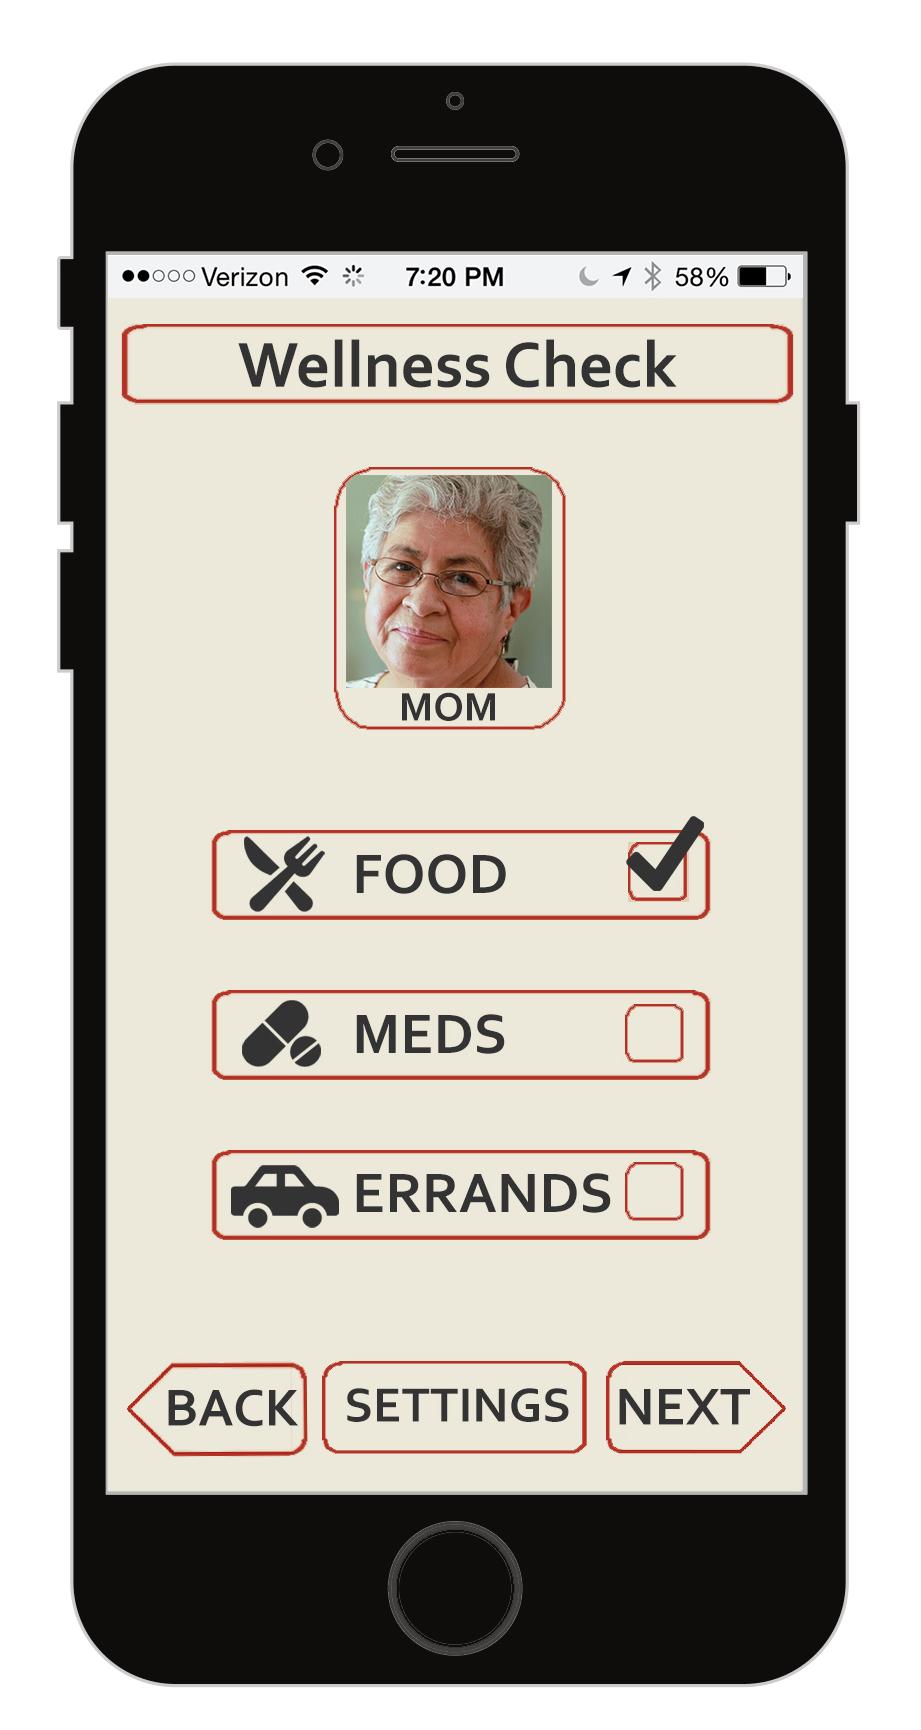 Select Wellness Check Needs